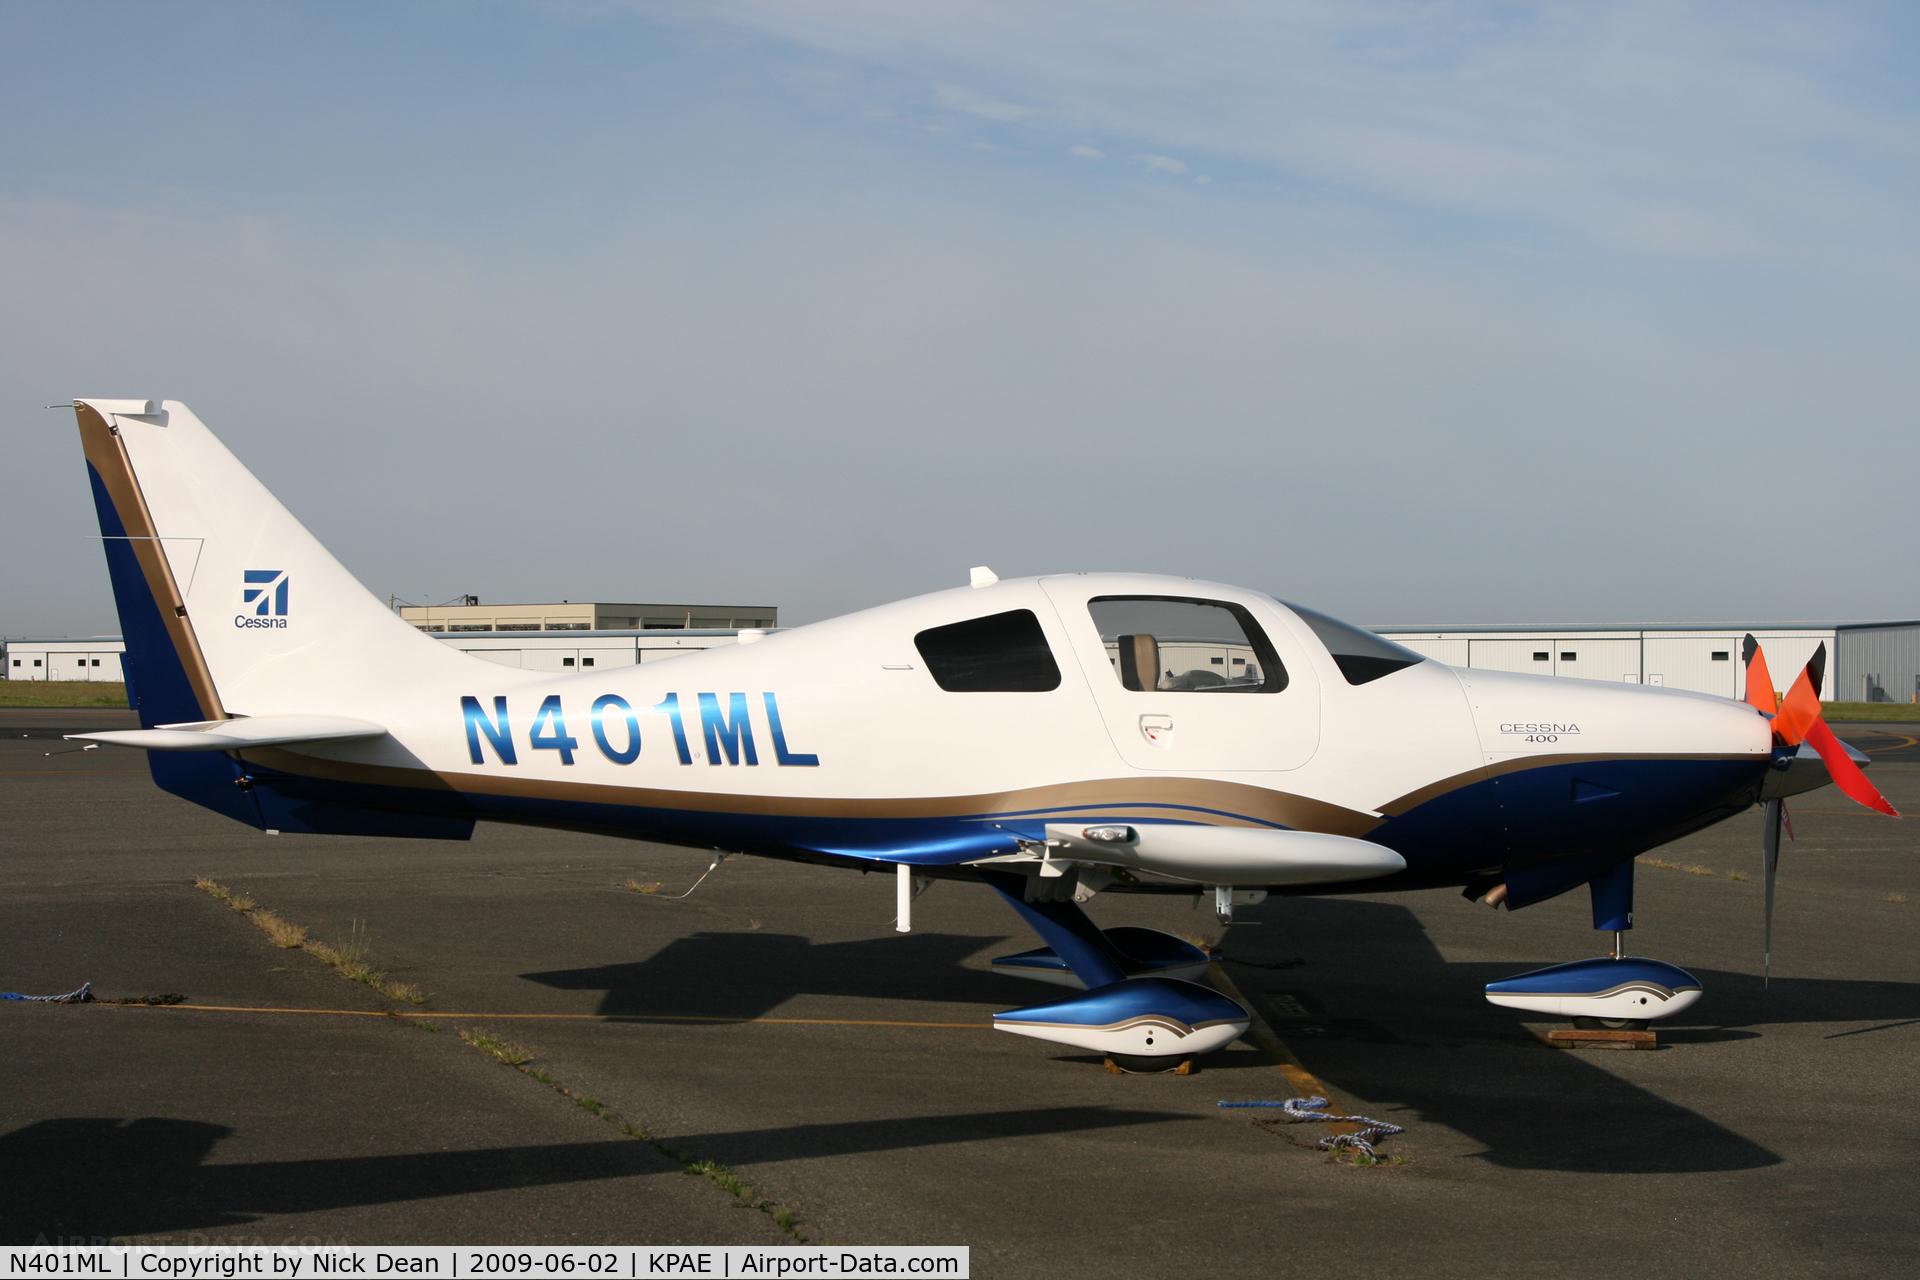 N401ML, 2008 Cessna LC41-550FG C/N 411046, KPAE